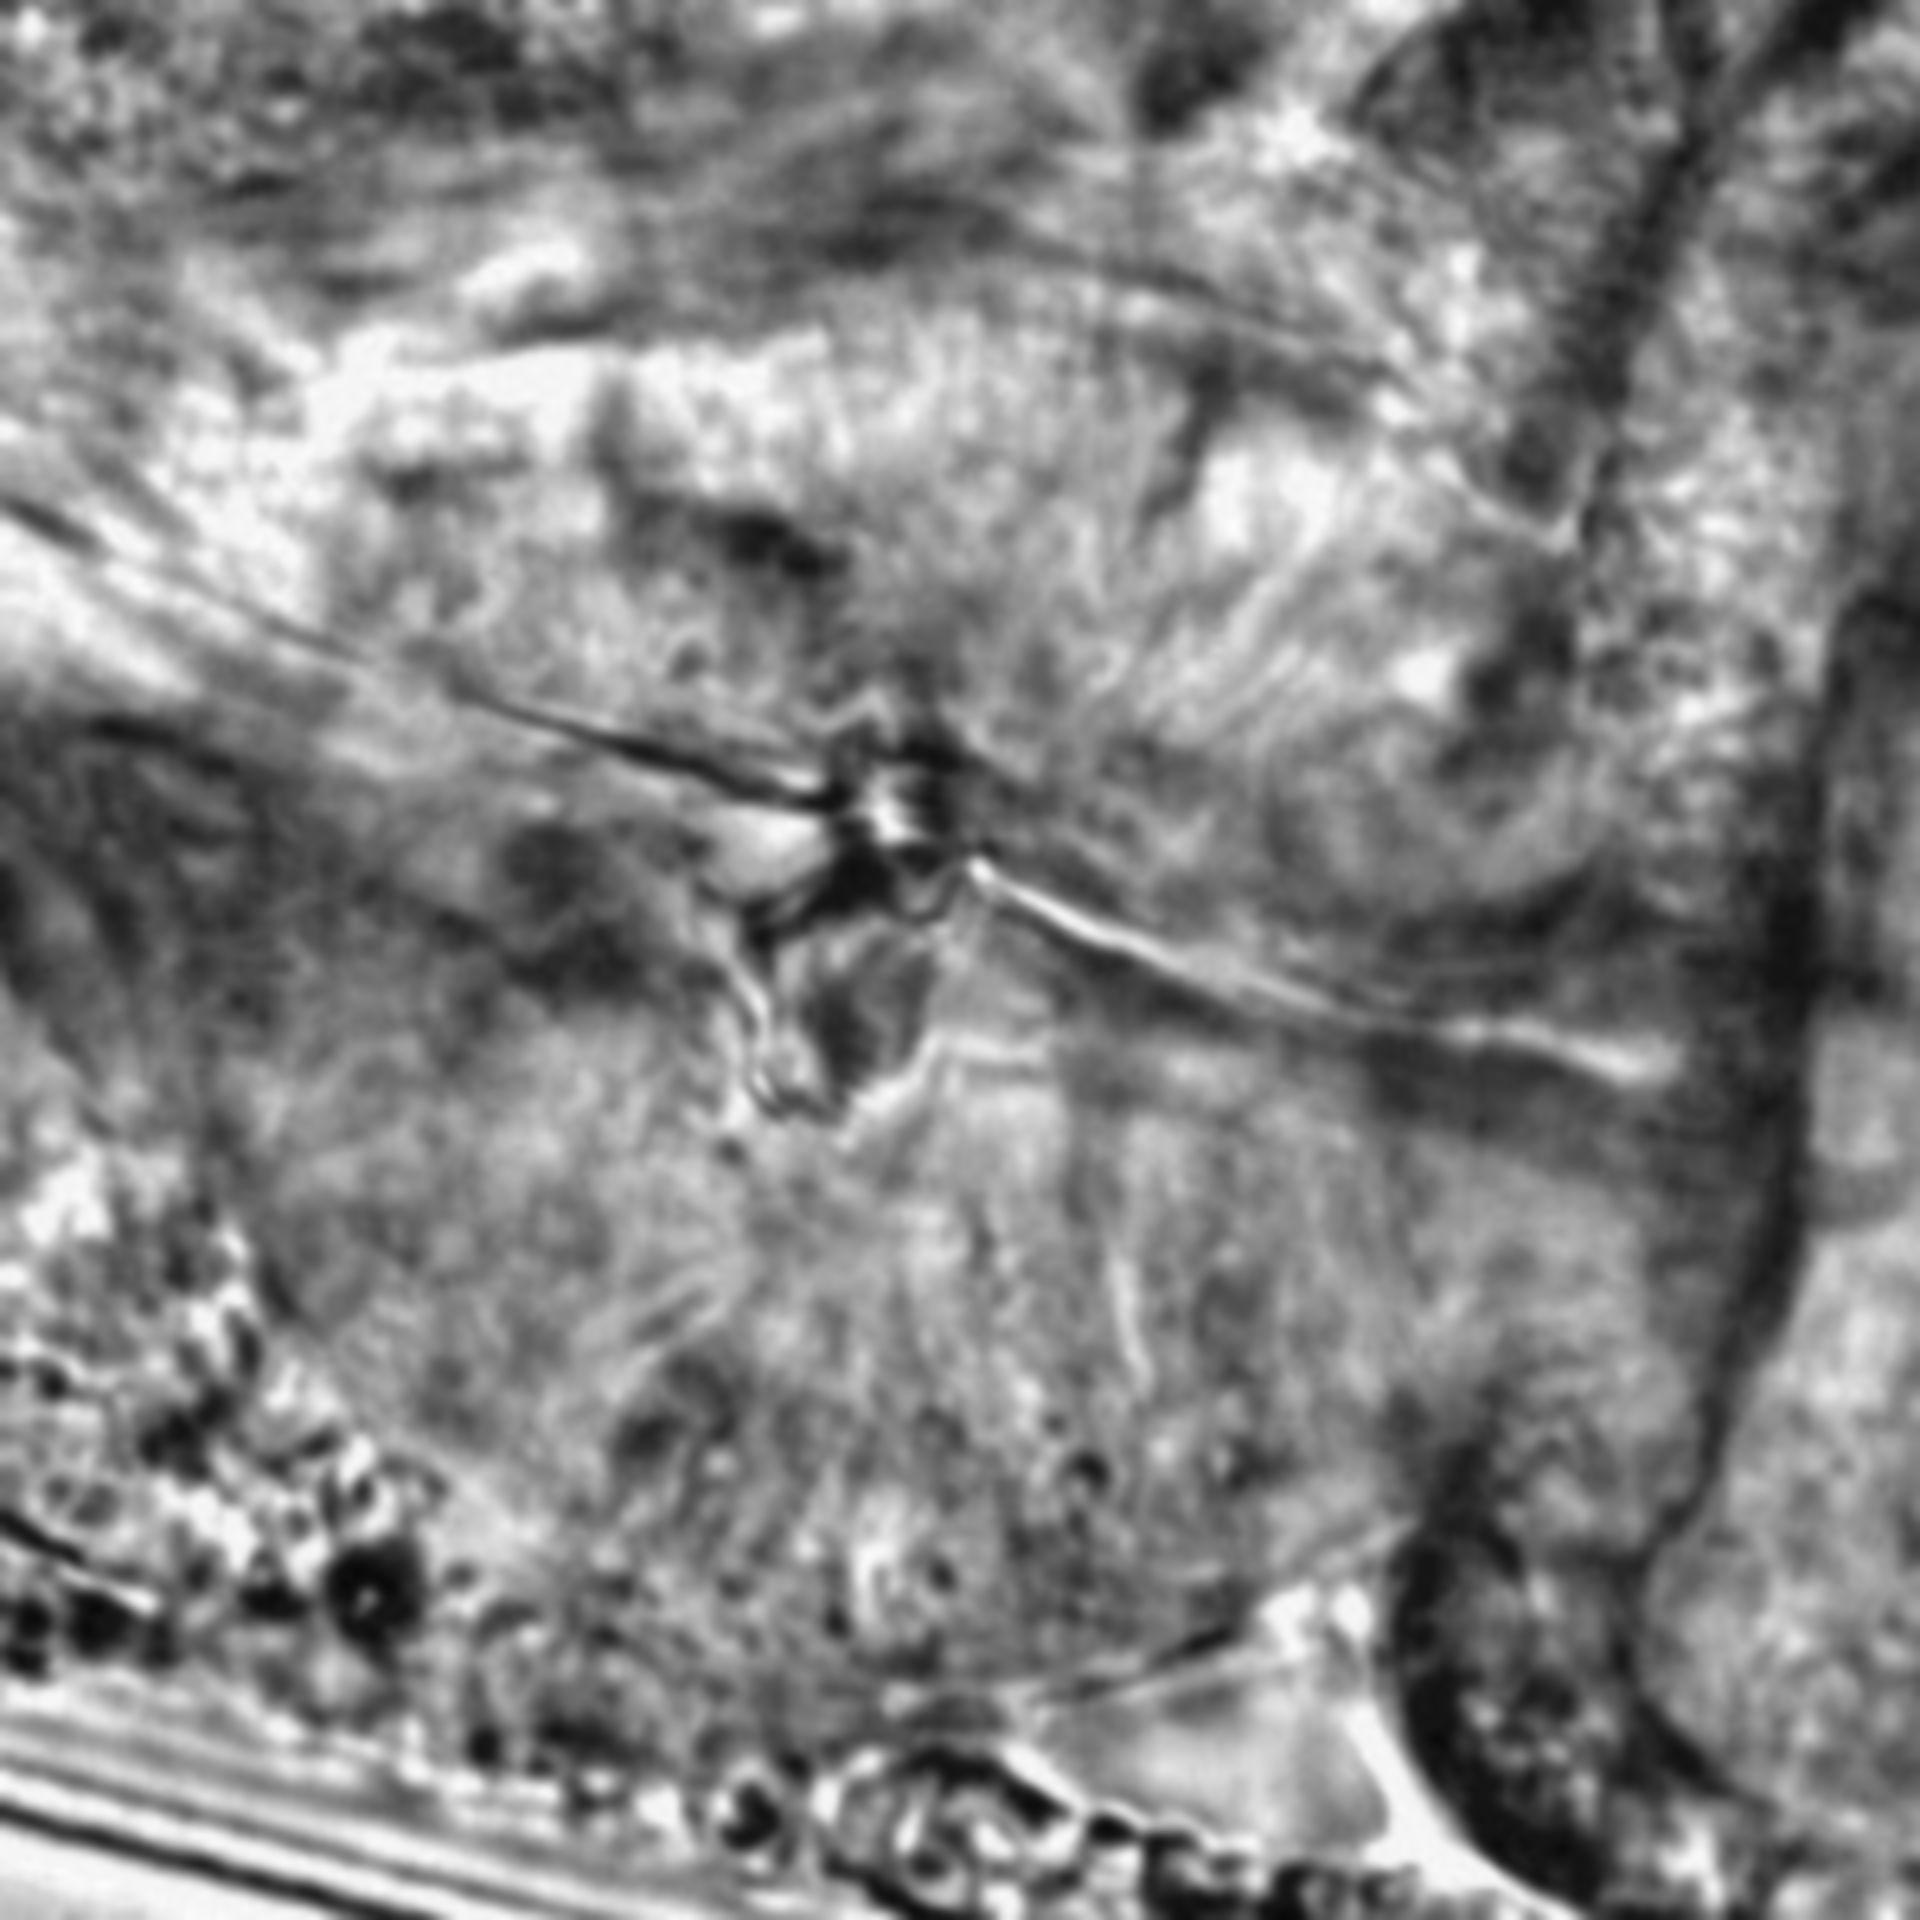 Caenorhabditis elegans - CIL:2162